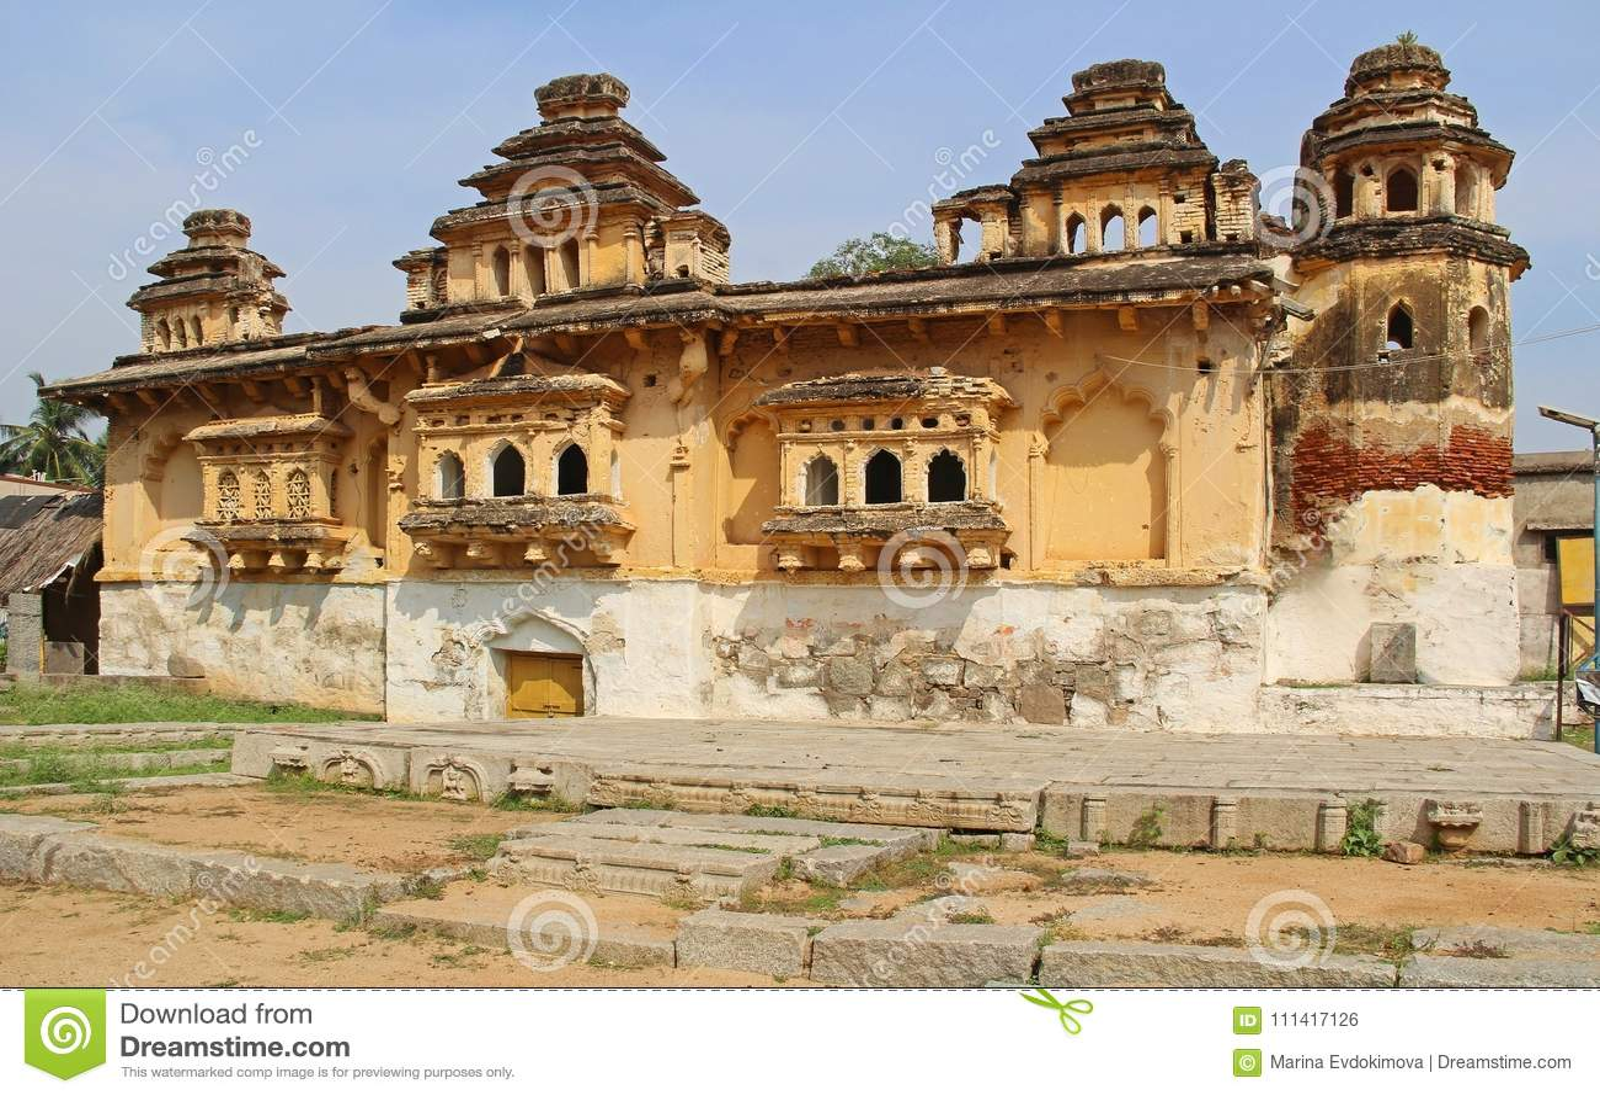 Old Palace Gagan Mahal in Anegundi in Hampi, Karnataka, India.